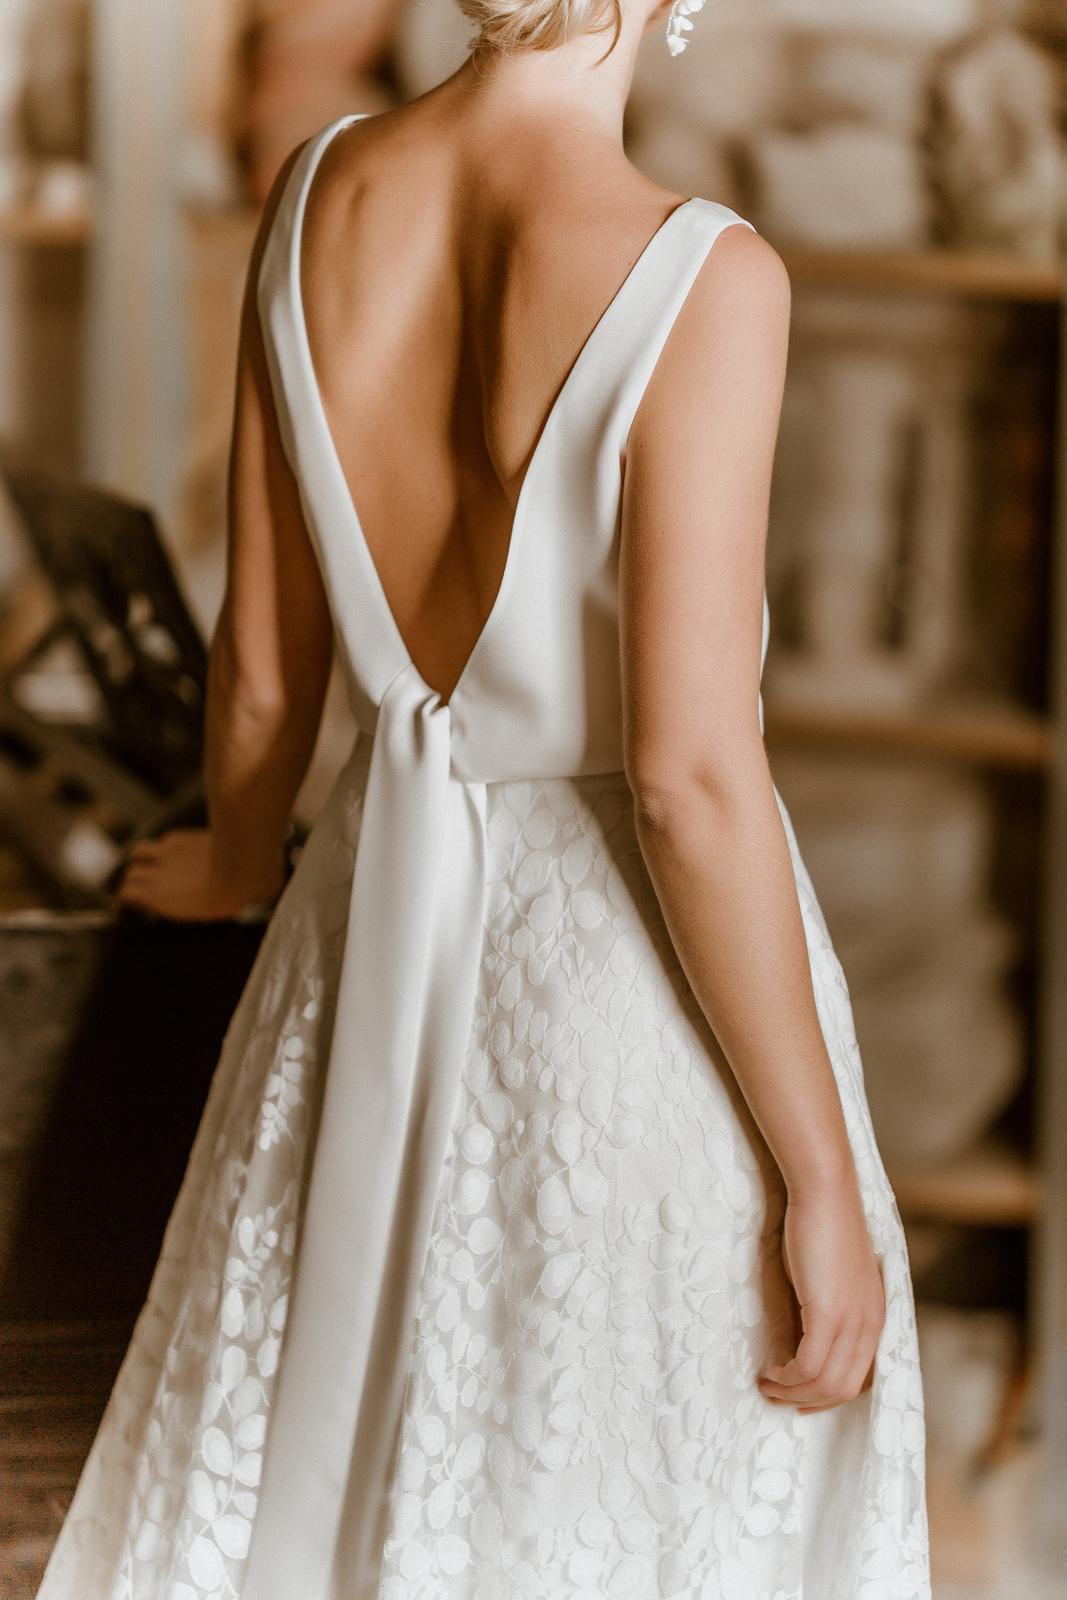 noni Jubiläumskollektion   Wadenlanges Brautkleid mit schlichtem, ärmellosem Top und Rock aus Tüllspitze im Botanical Style, Rückenansicht (Foto: Le Hai Linh)